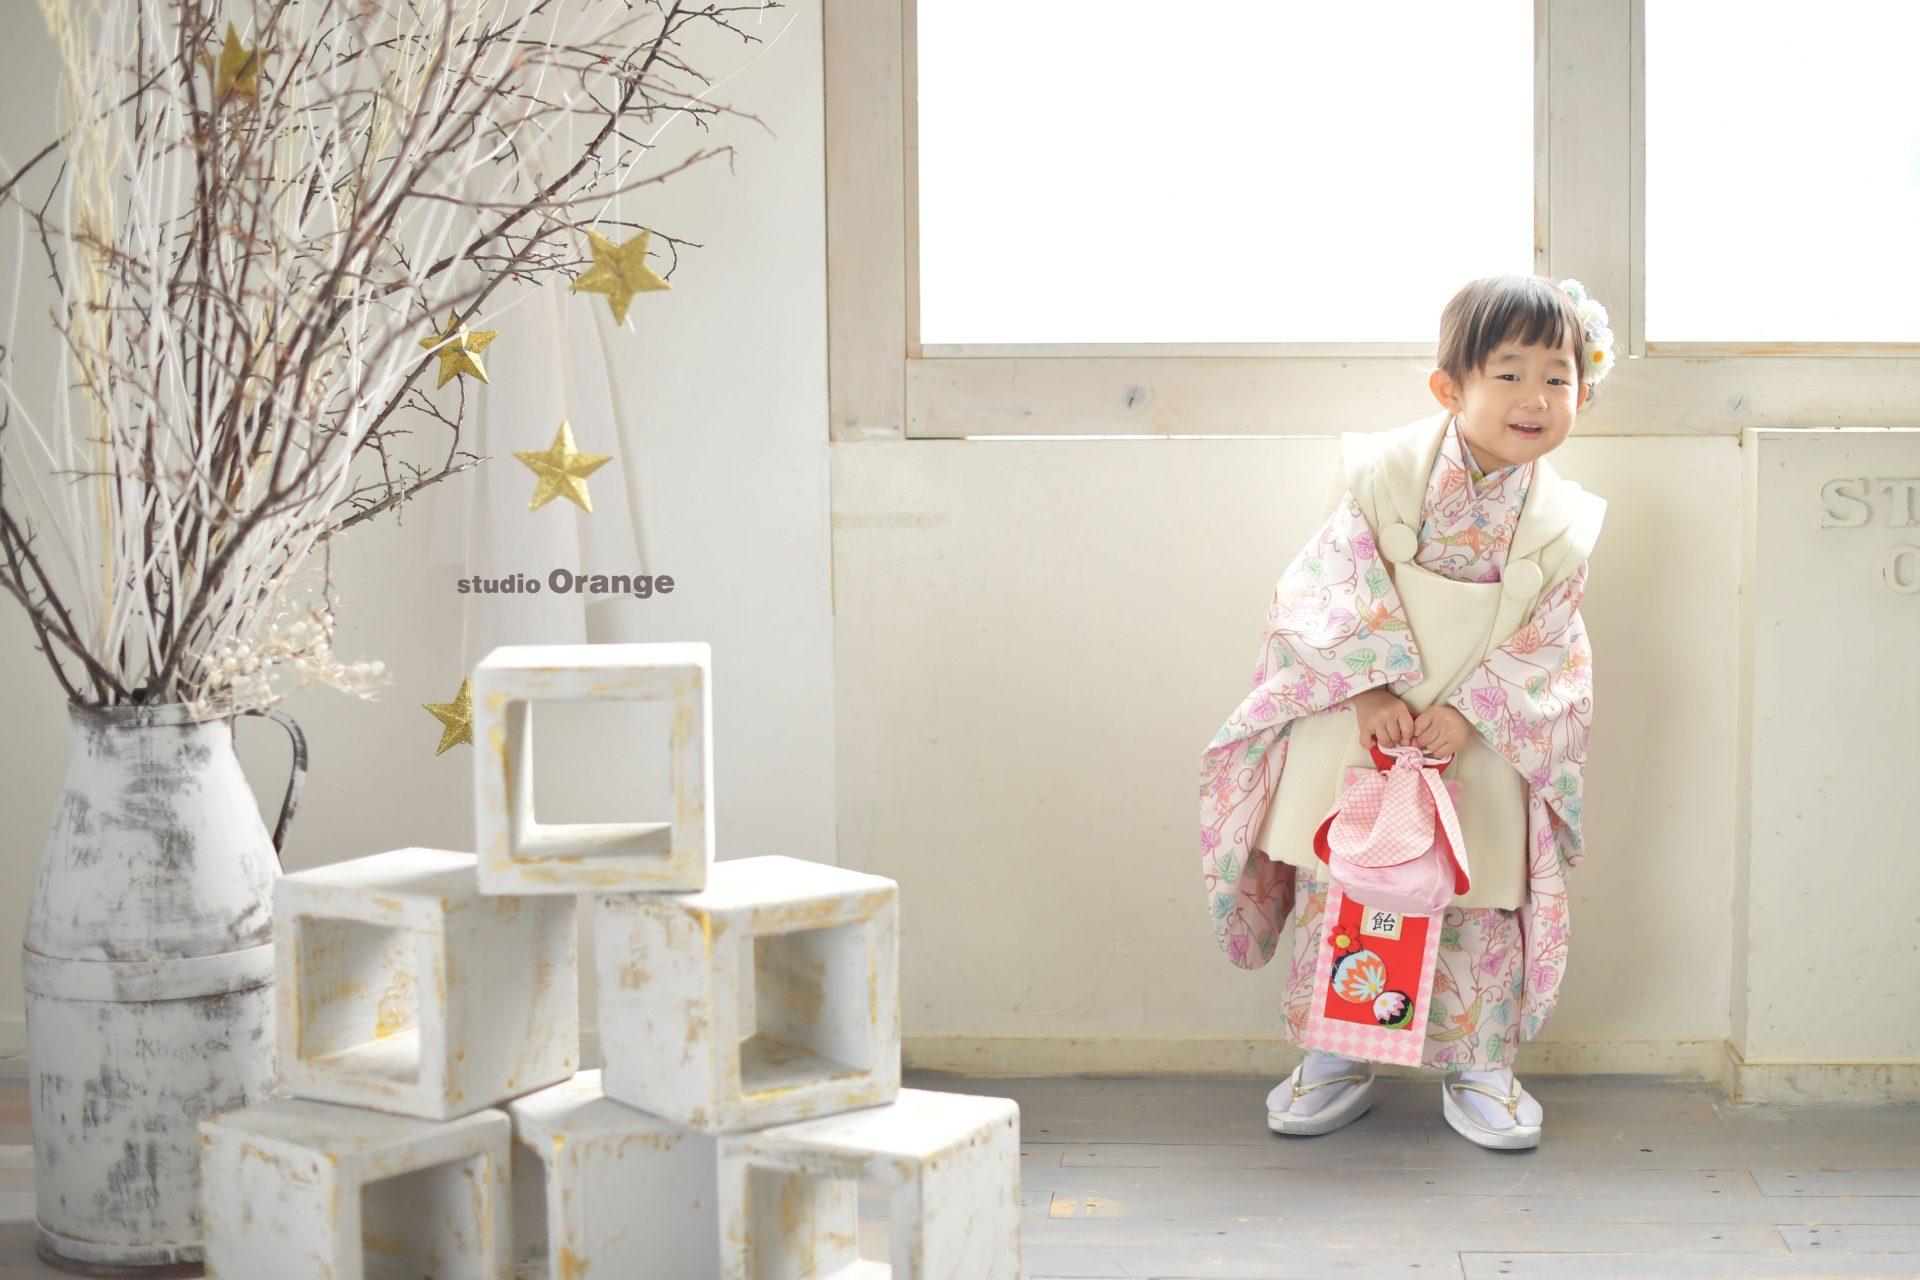 七五三 3歳 女の子 可愛い 着物 お被布 オリジナル着物 おしゃれ スタジオ 奈良 奈良スタジオ 家族写真 家族